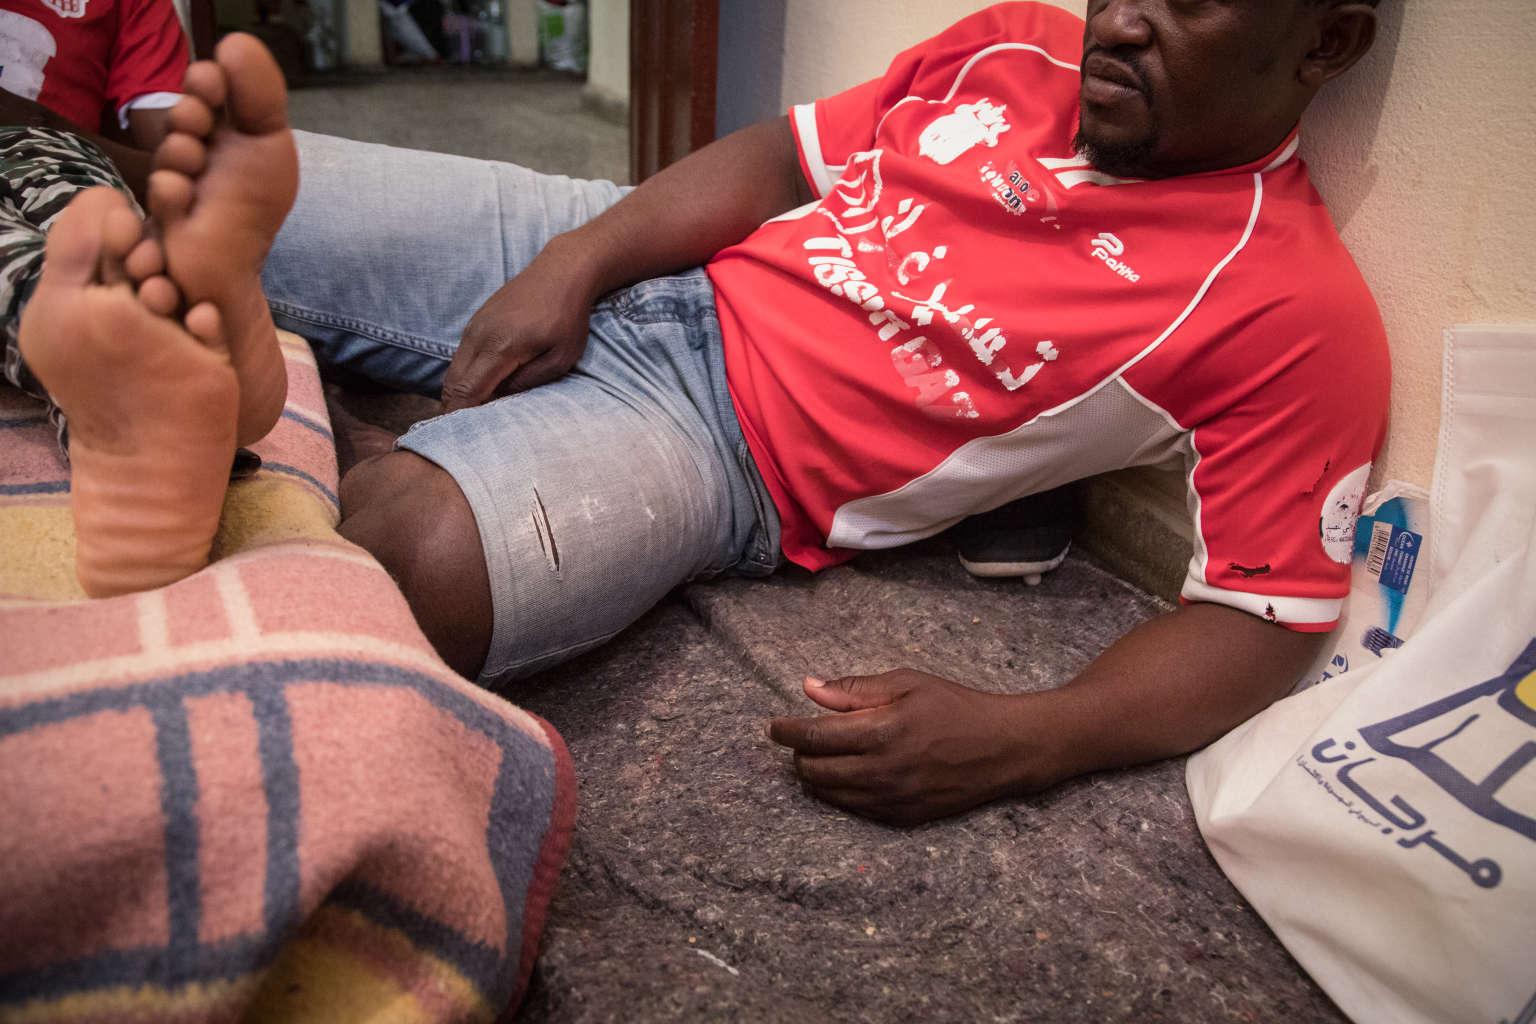 Donatien est arrivé à Agadir il y a un mois et demi. Auparavant, il vivait à Tanger. Des policiers marocains ont débarqué un jour chez lui à 5 heures du matin. Il a été menotté puis déposé avec d'autres migrants près de la ville de Tiznit, à 900 km plus au sud. Crédits : CAMILLE MILLERAND POUR LE MONDE